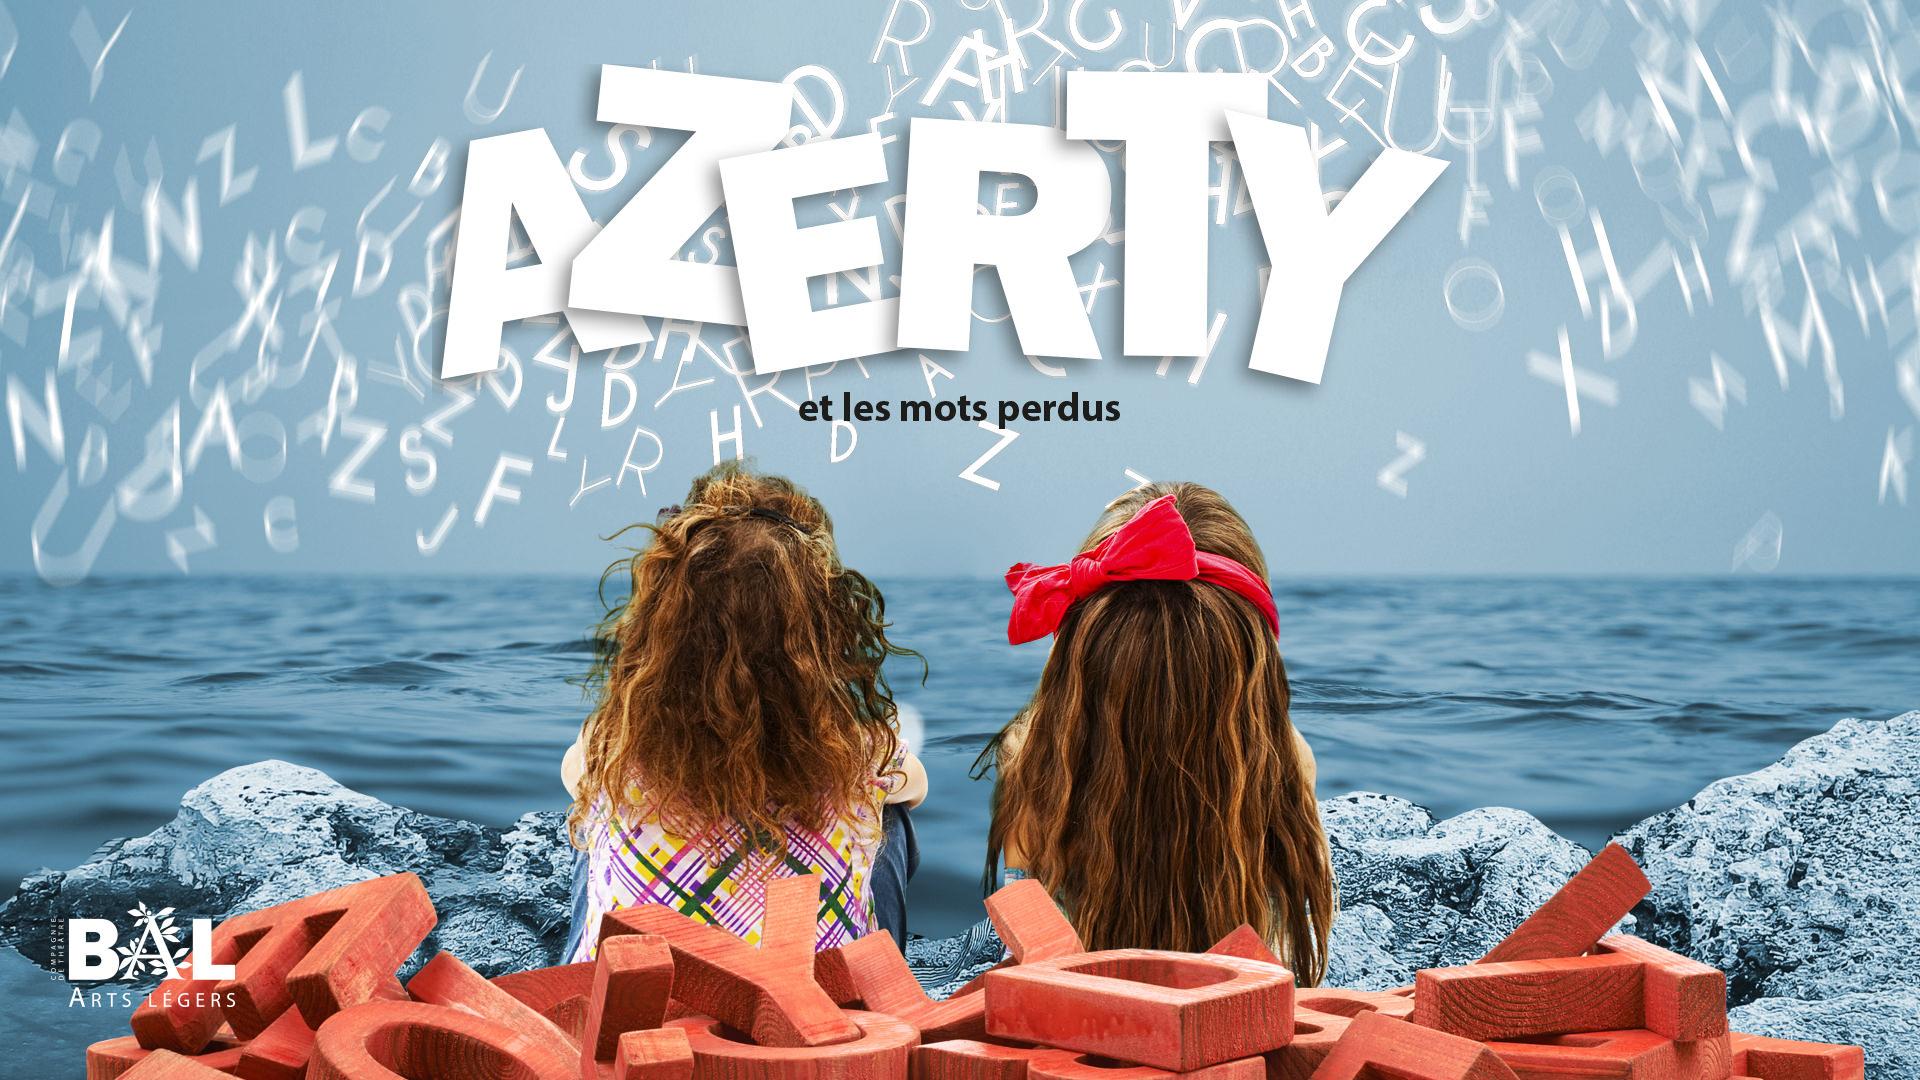 Azerty et les mots perdus